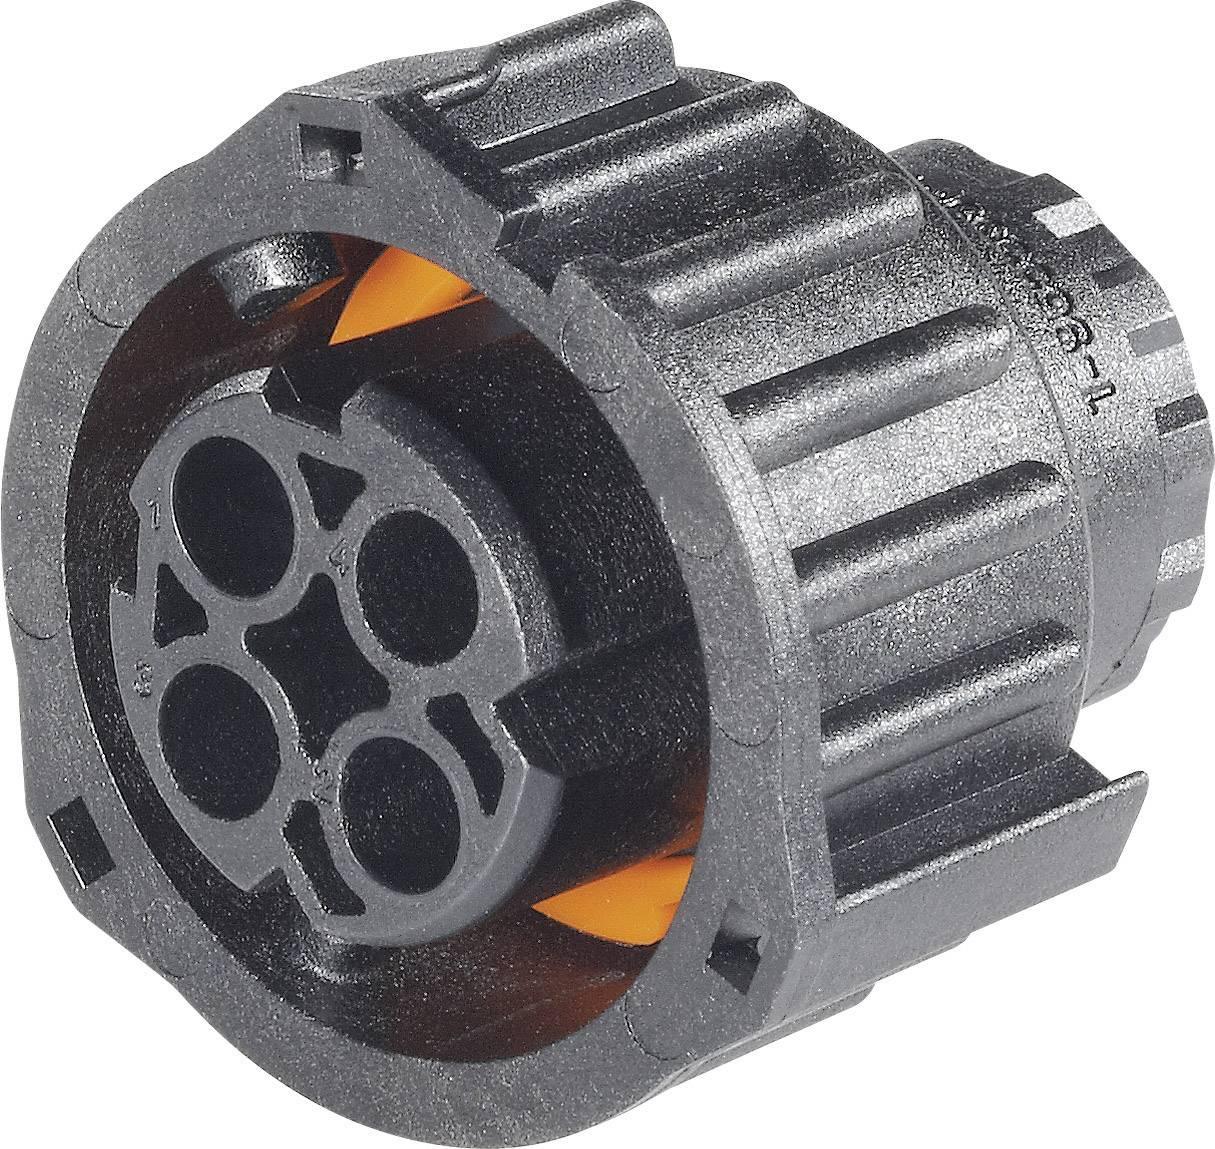 Kulatá propojka TE Connectivity AMP DIN 72585 (1-968968-1), zásuvka rovná, IP69/IP69K